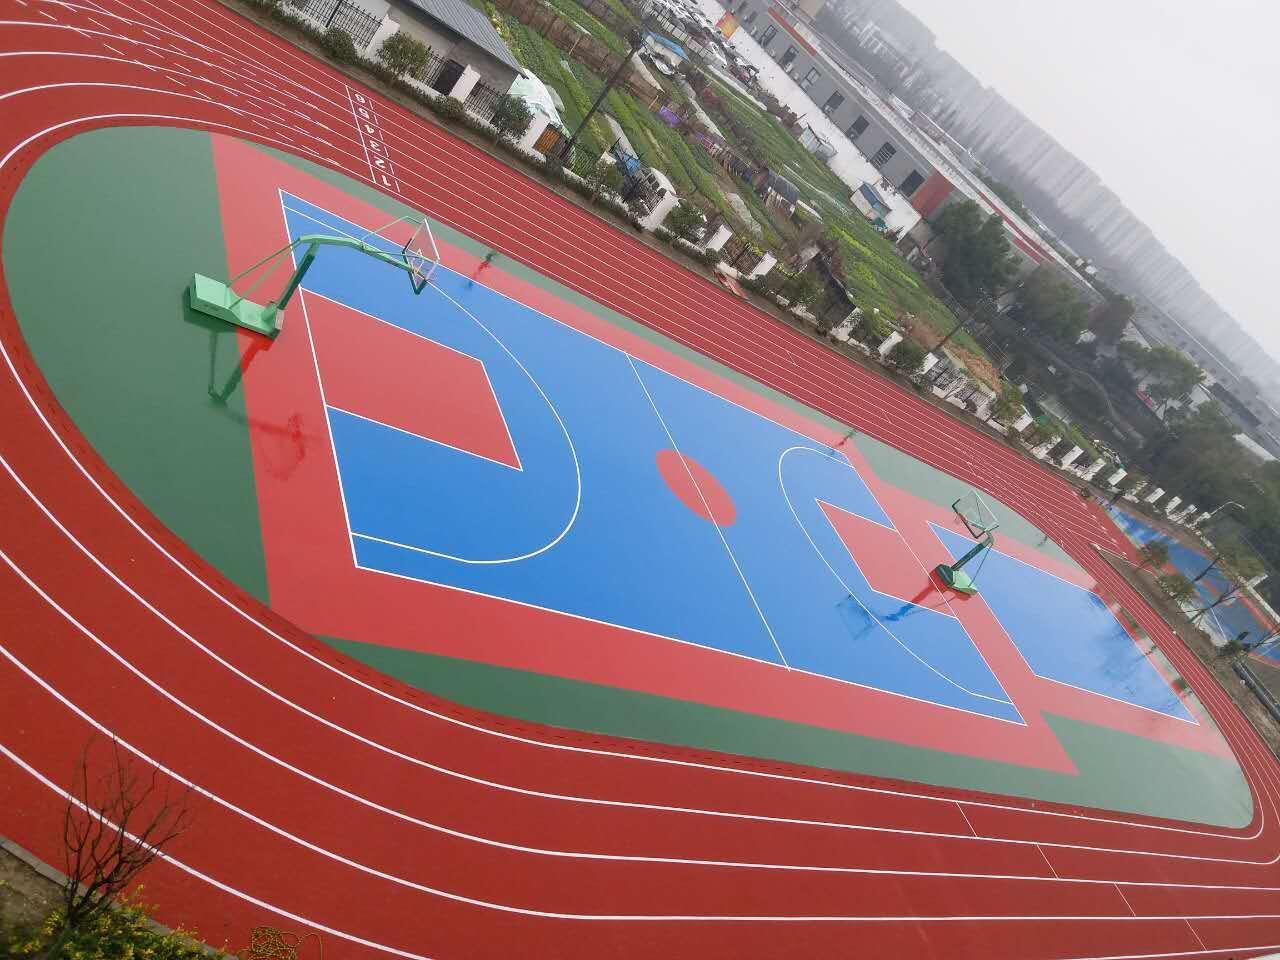 杭州御道学校塑胶跑道完工